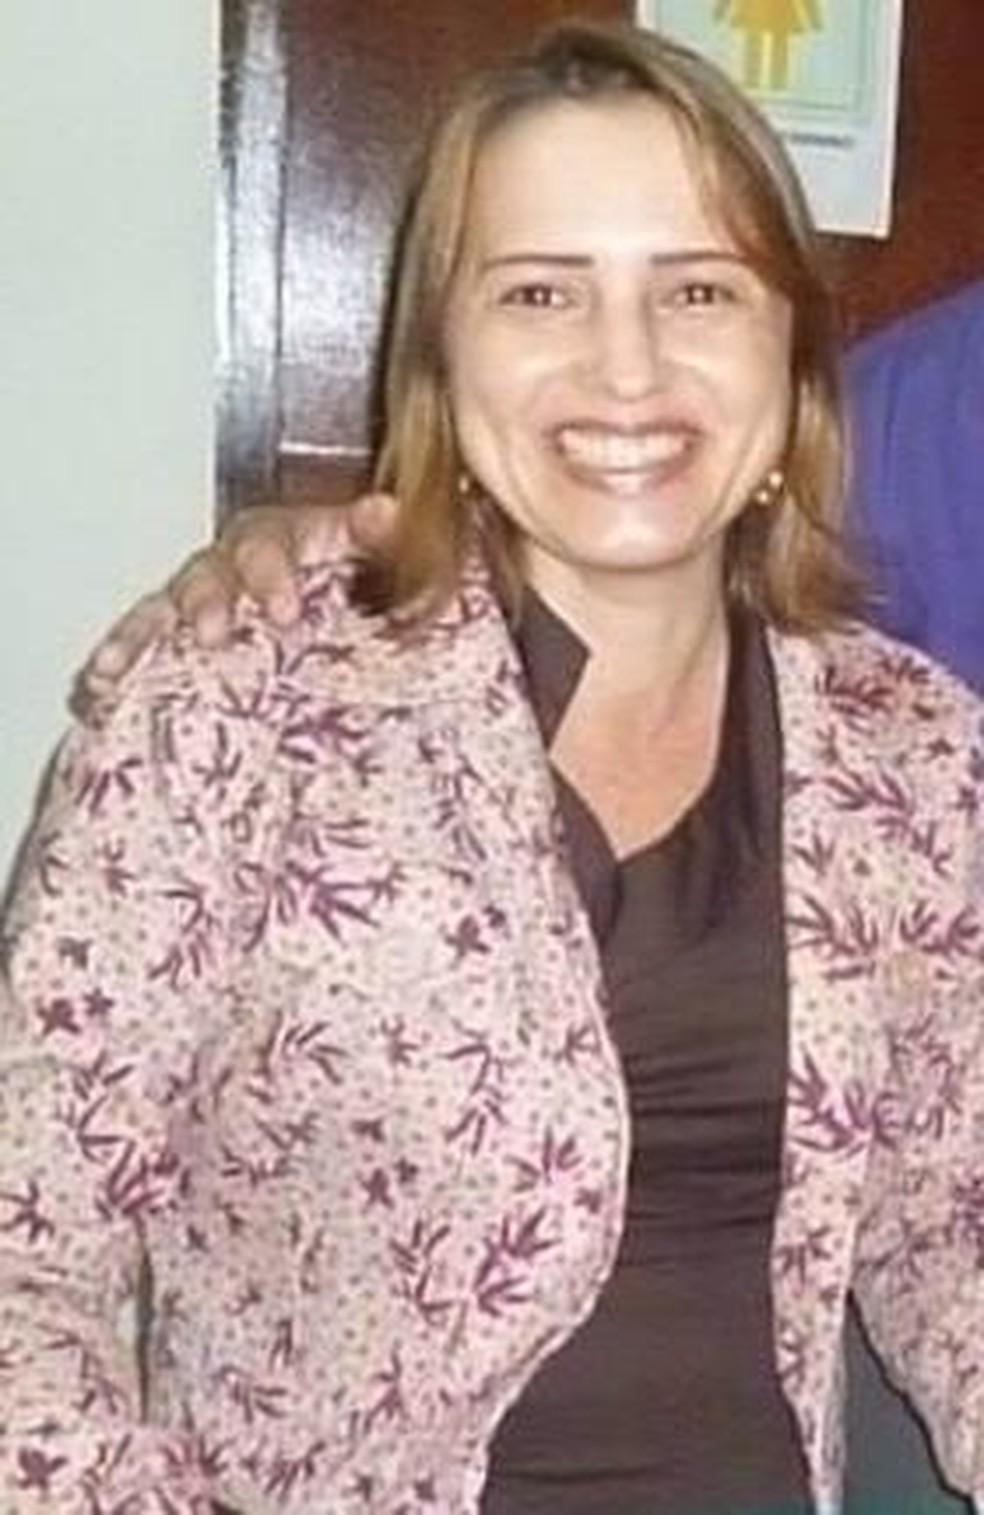 Rosangela Albernaz estava na igreja em Paracatu quando foi morta — Foto: Redes Sociais